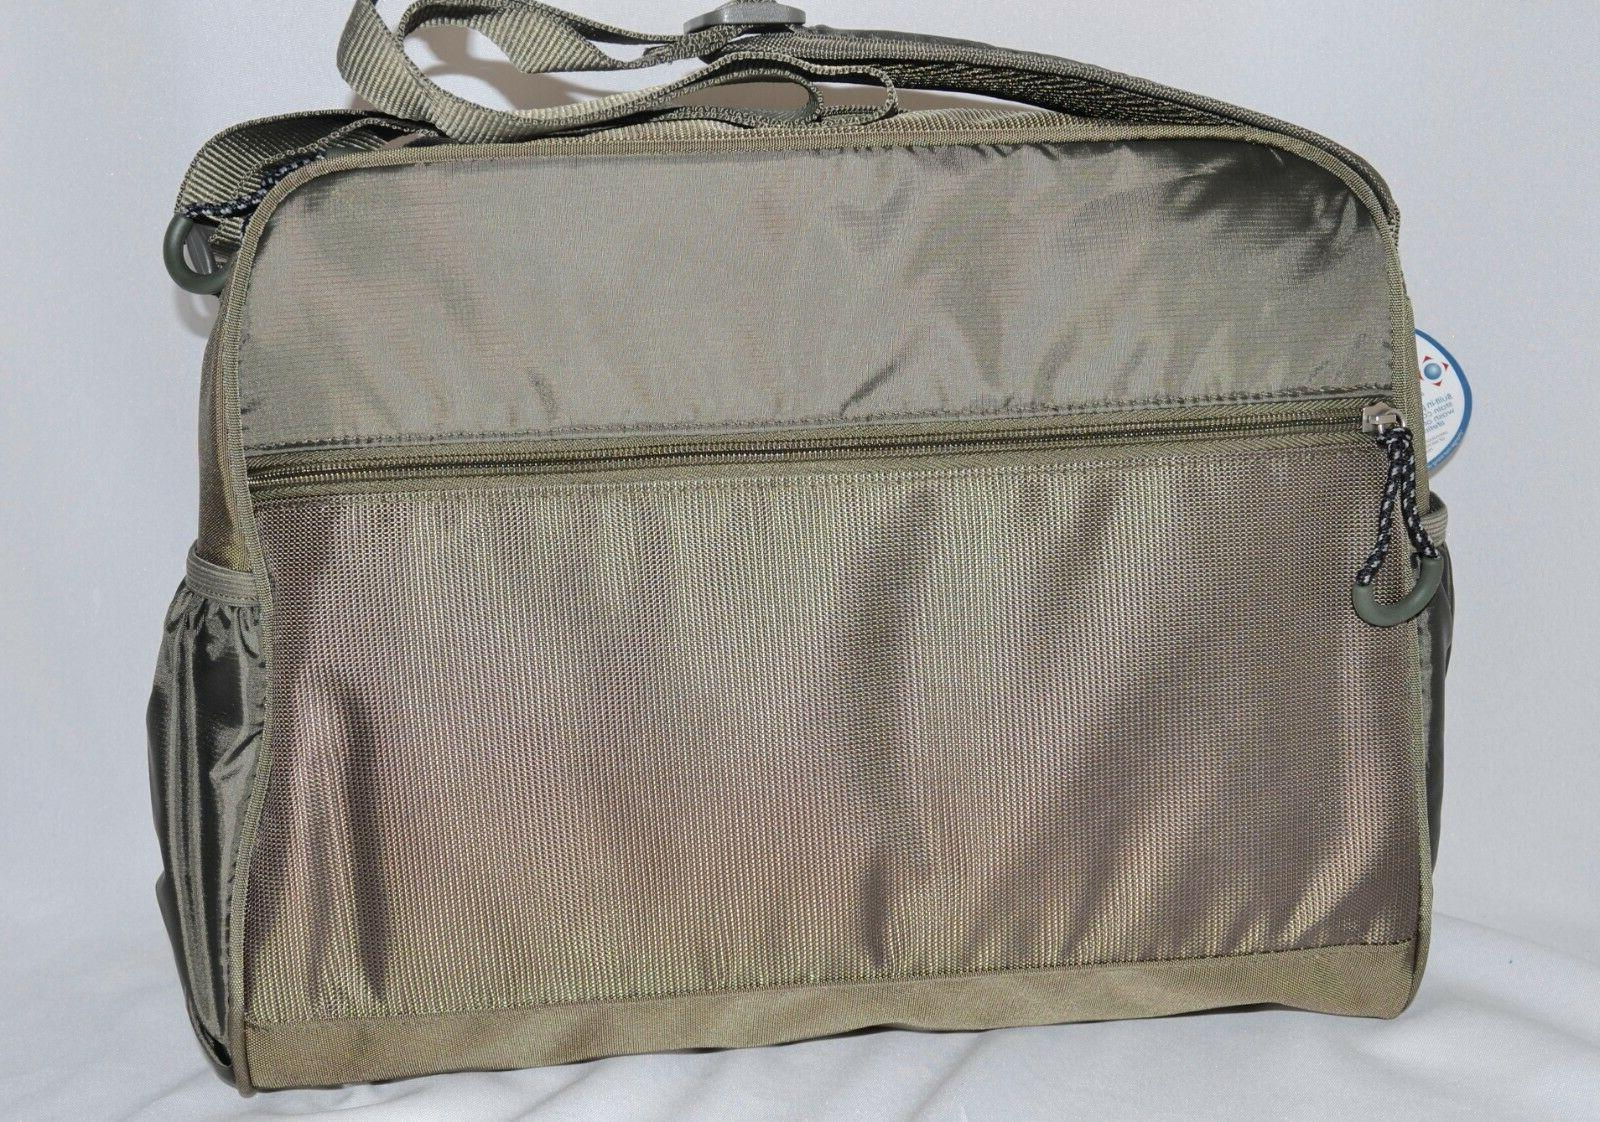 Columbia Deep Diaper Bag